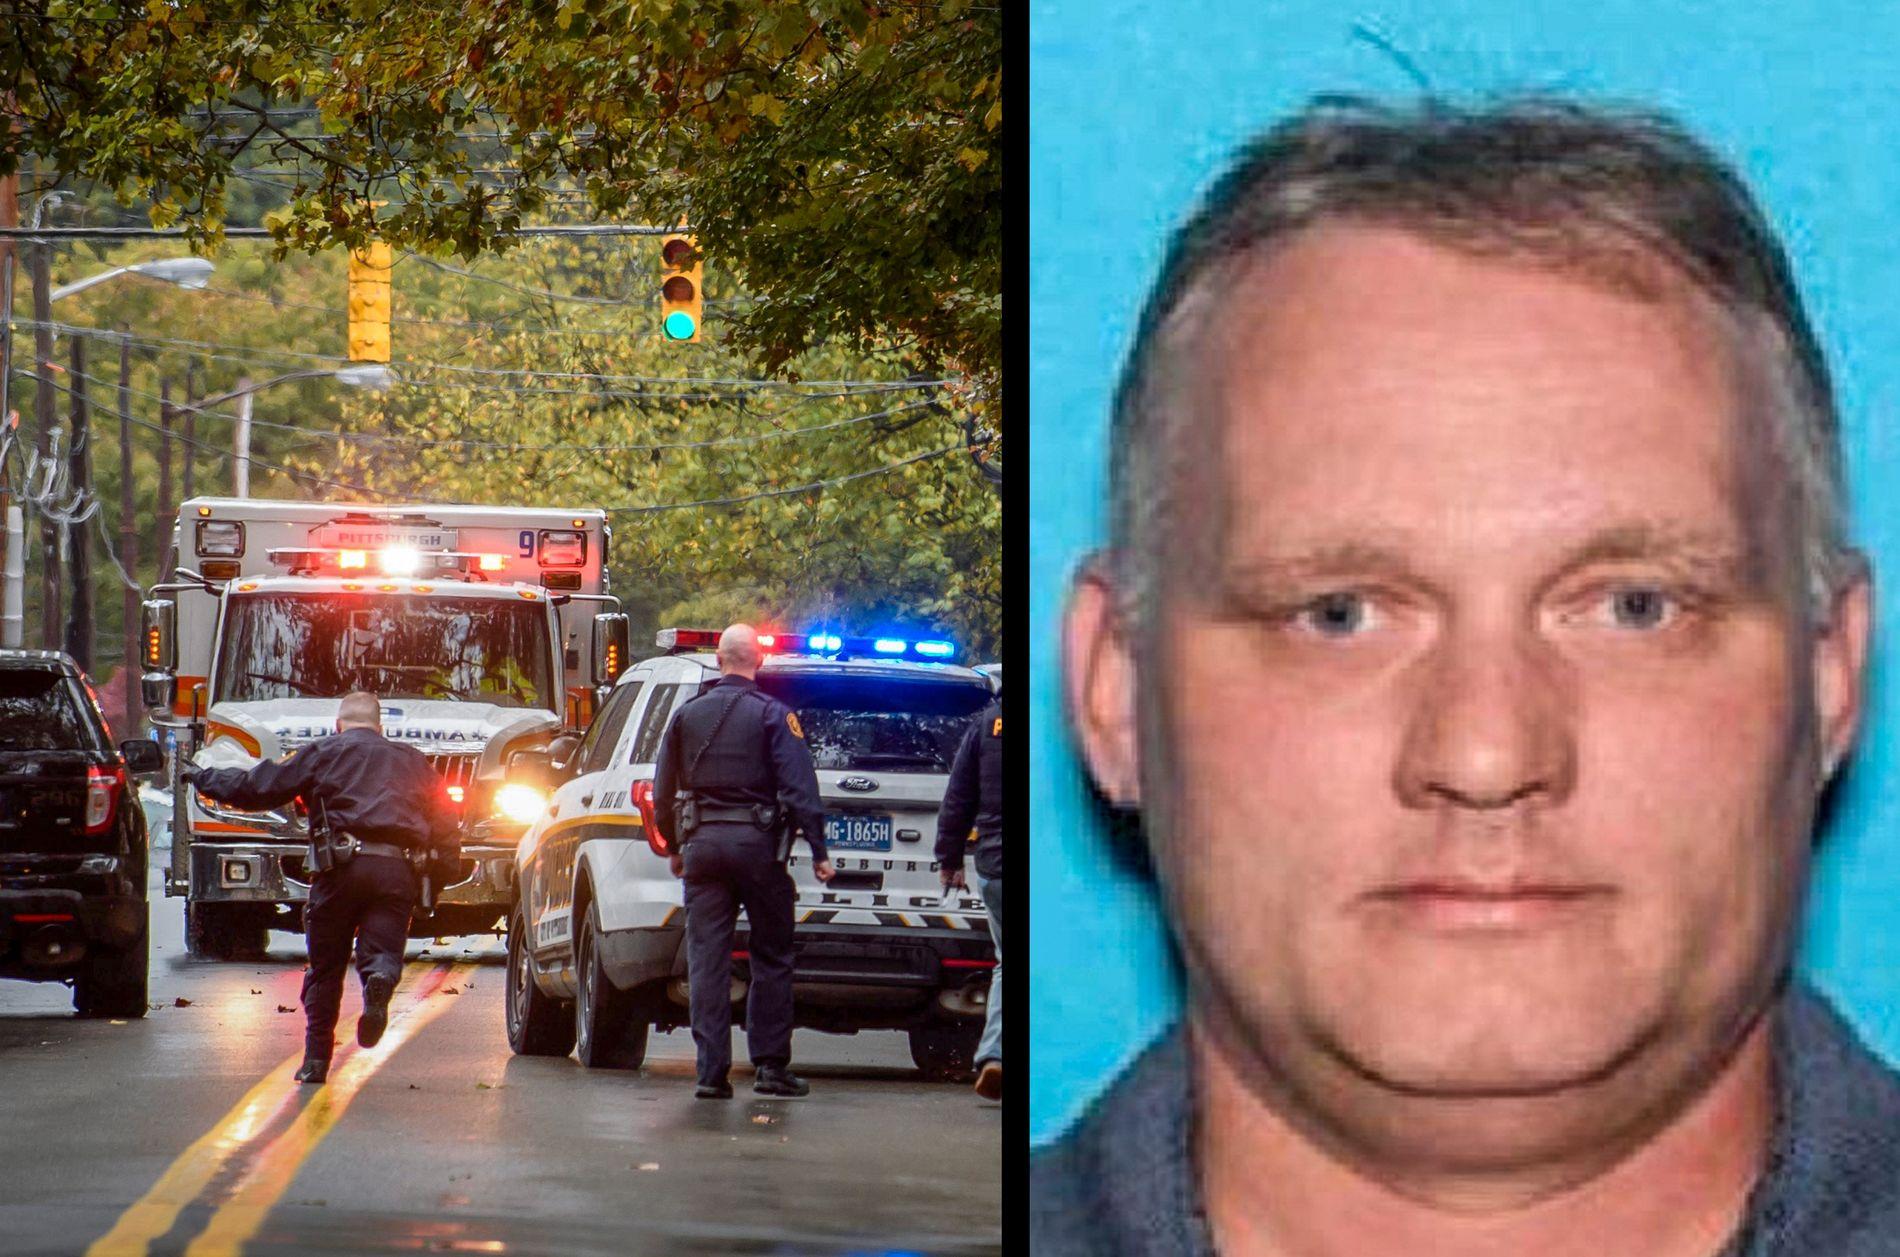 PÅGREPET: Robert Bowers, som ble skadet i skuddvekslingen med politiet.